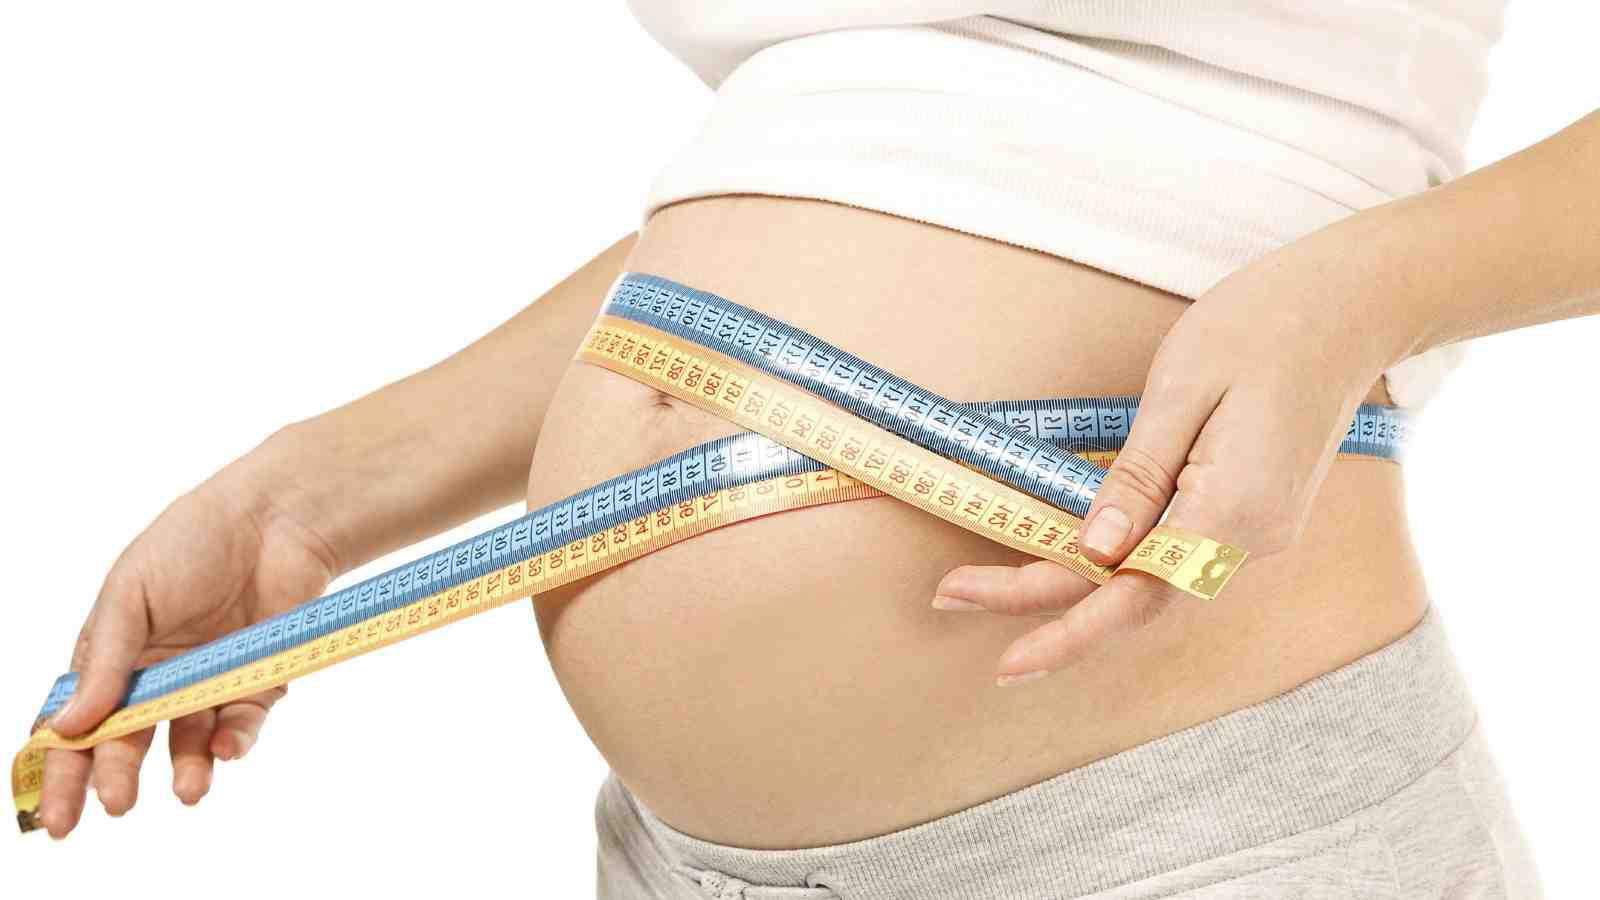 Похудеть руками при беременности